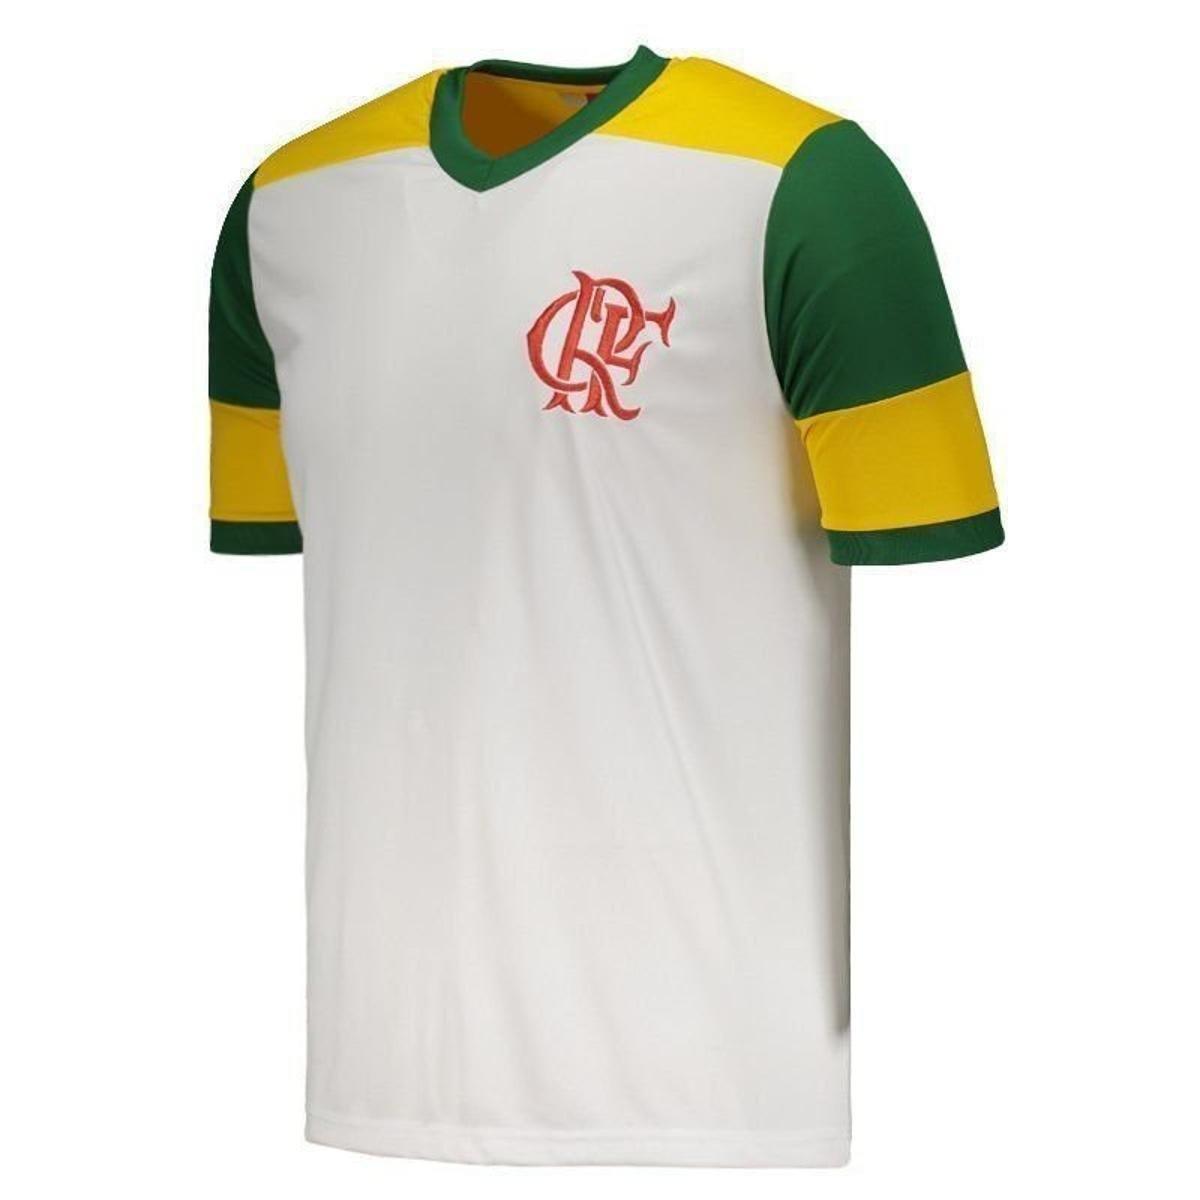 74cbb9662b Camisa Flamengo Brasil Retrô Masculina  Camisa Flamengo Brasil Retrô  Masculina ...